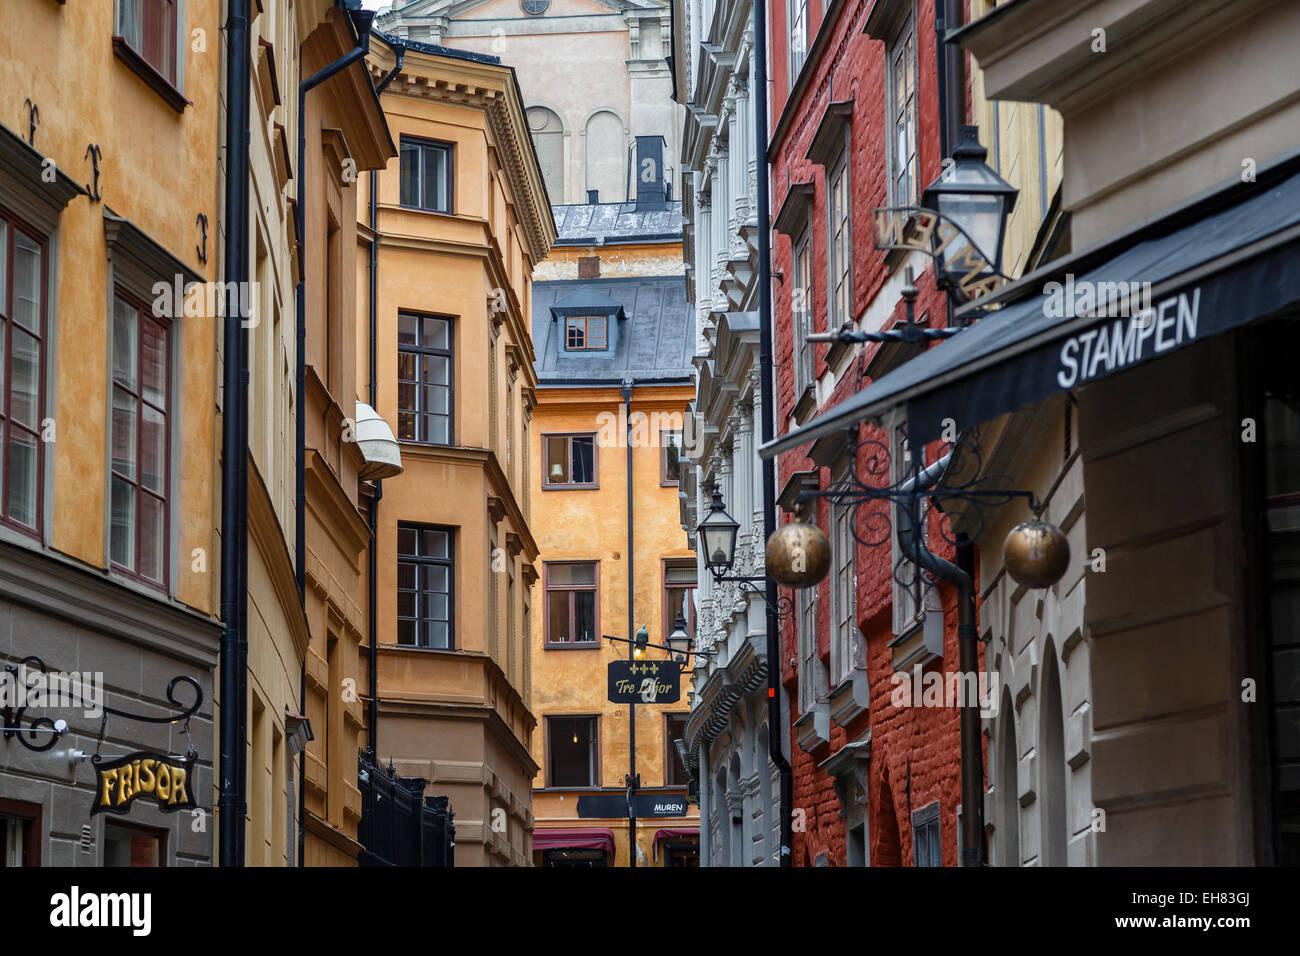 Edifici di Gamla Stan, Stoccolma, Svezia, Scandinavia, Europa Immagini Stock